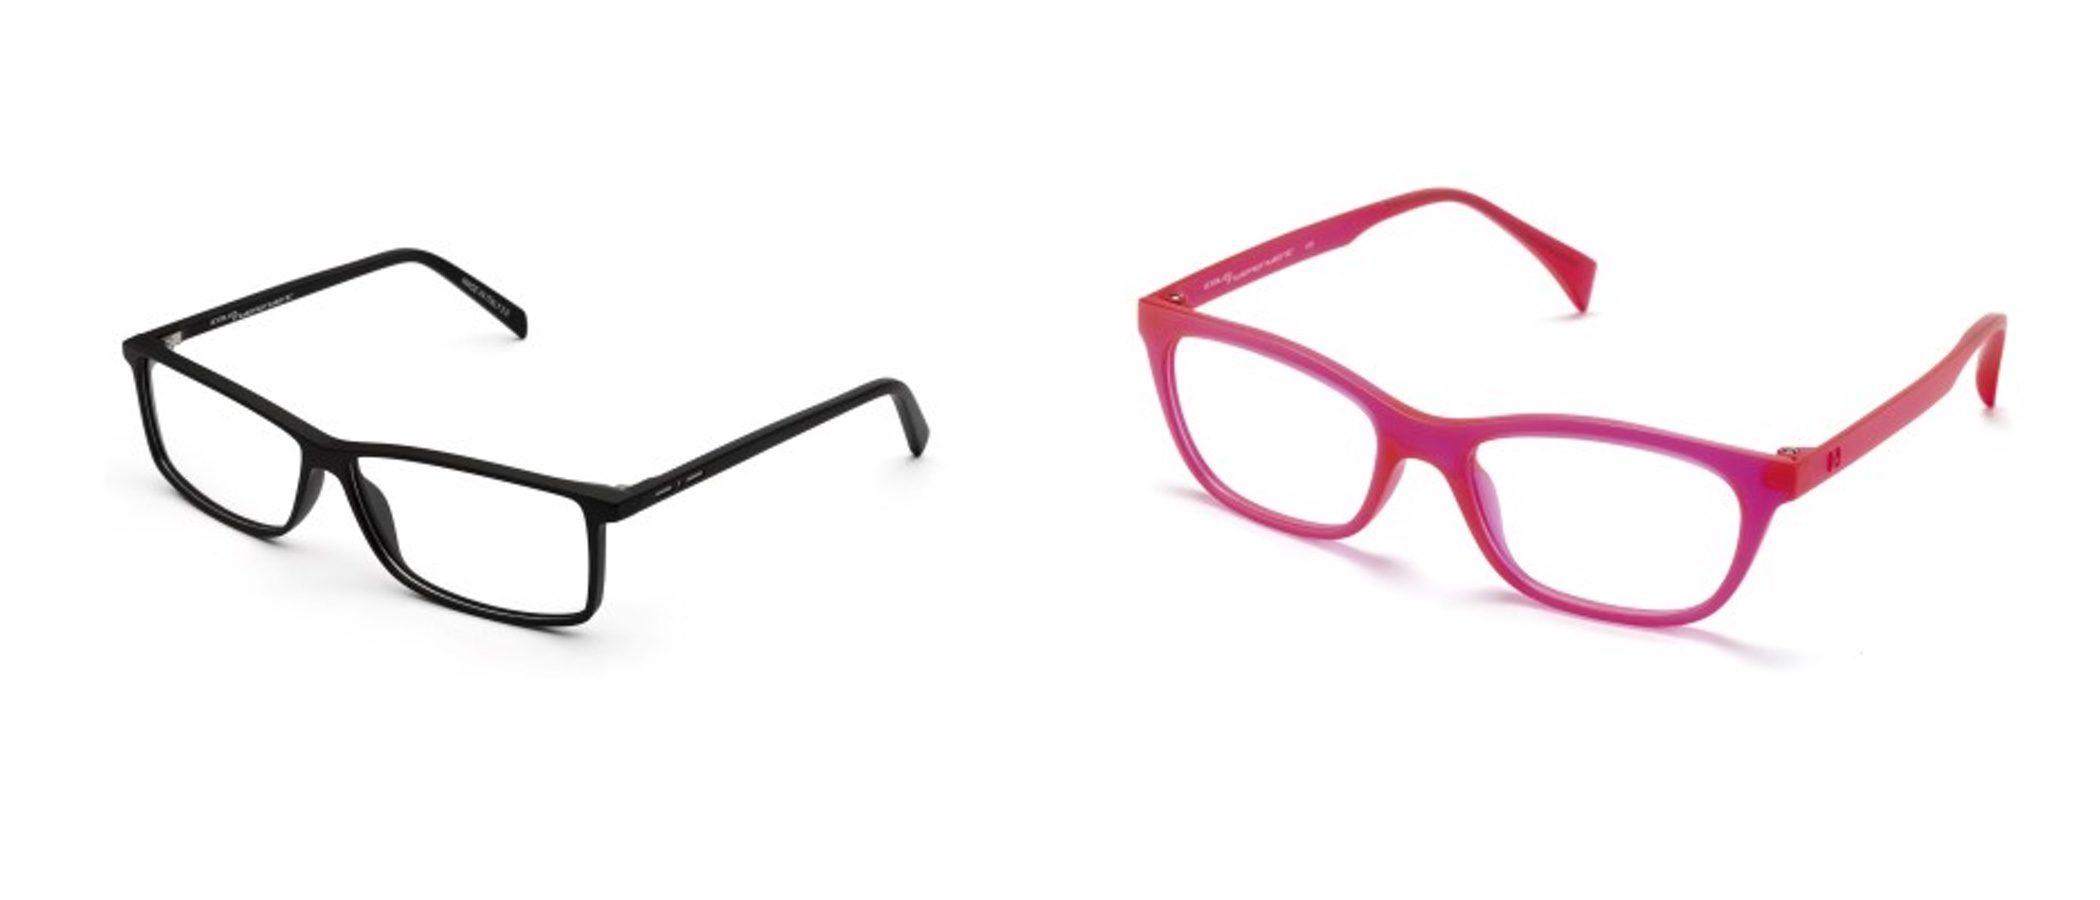 Italia Independent apuesta por las gafas funcionales para este invierno 2017